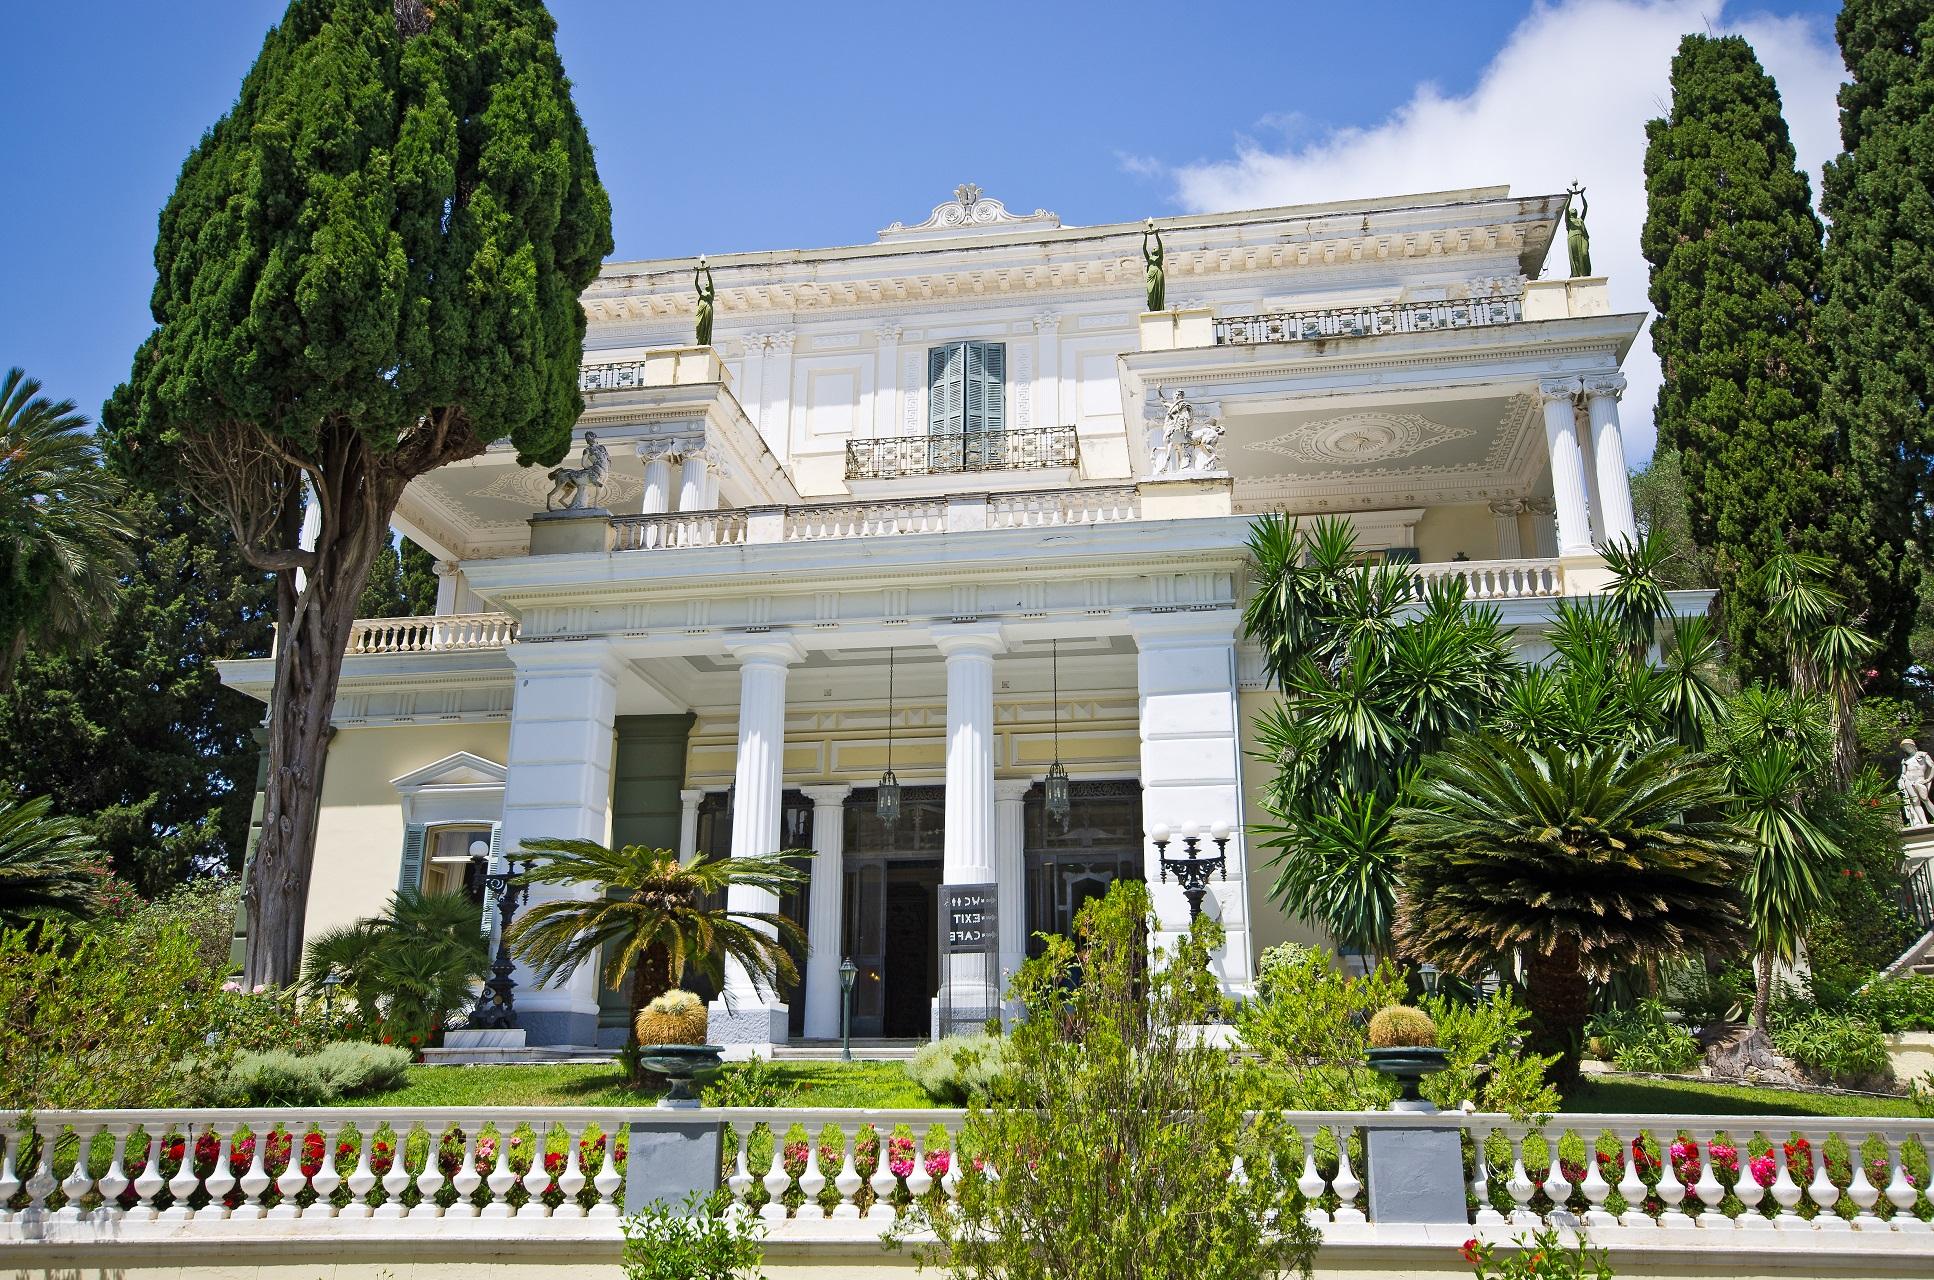 Achillion palace on Corfu island, Greece_shutterstock_268928156